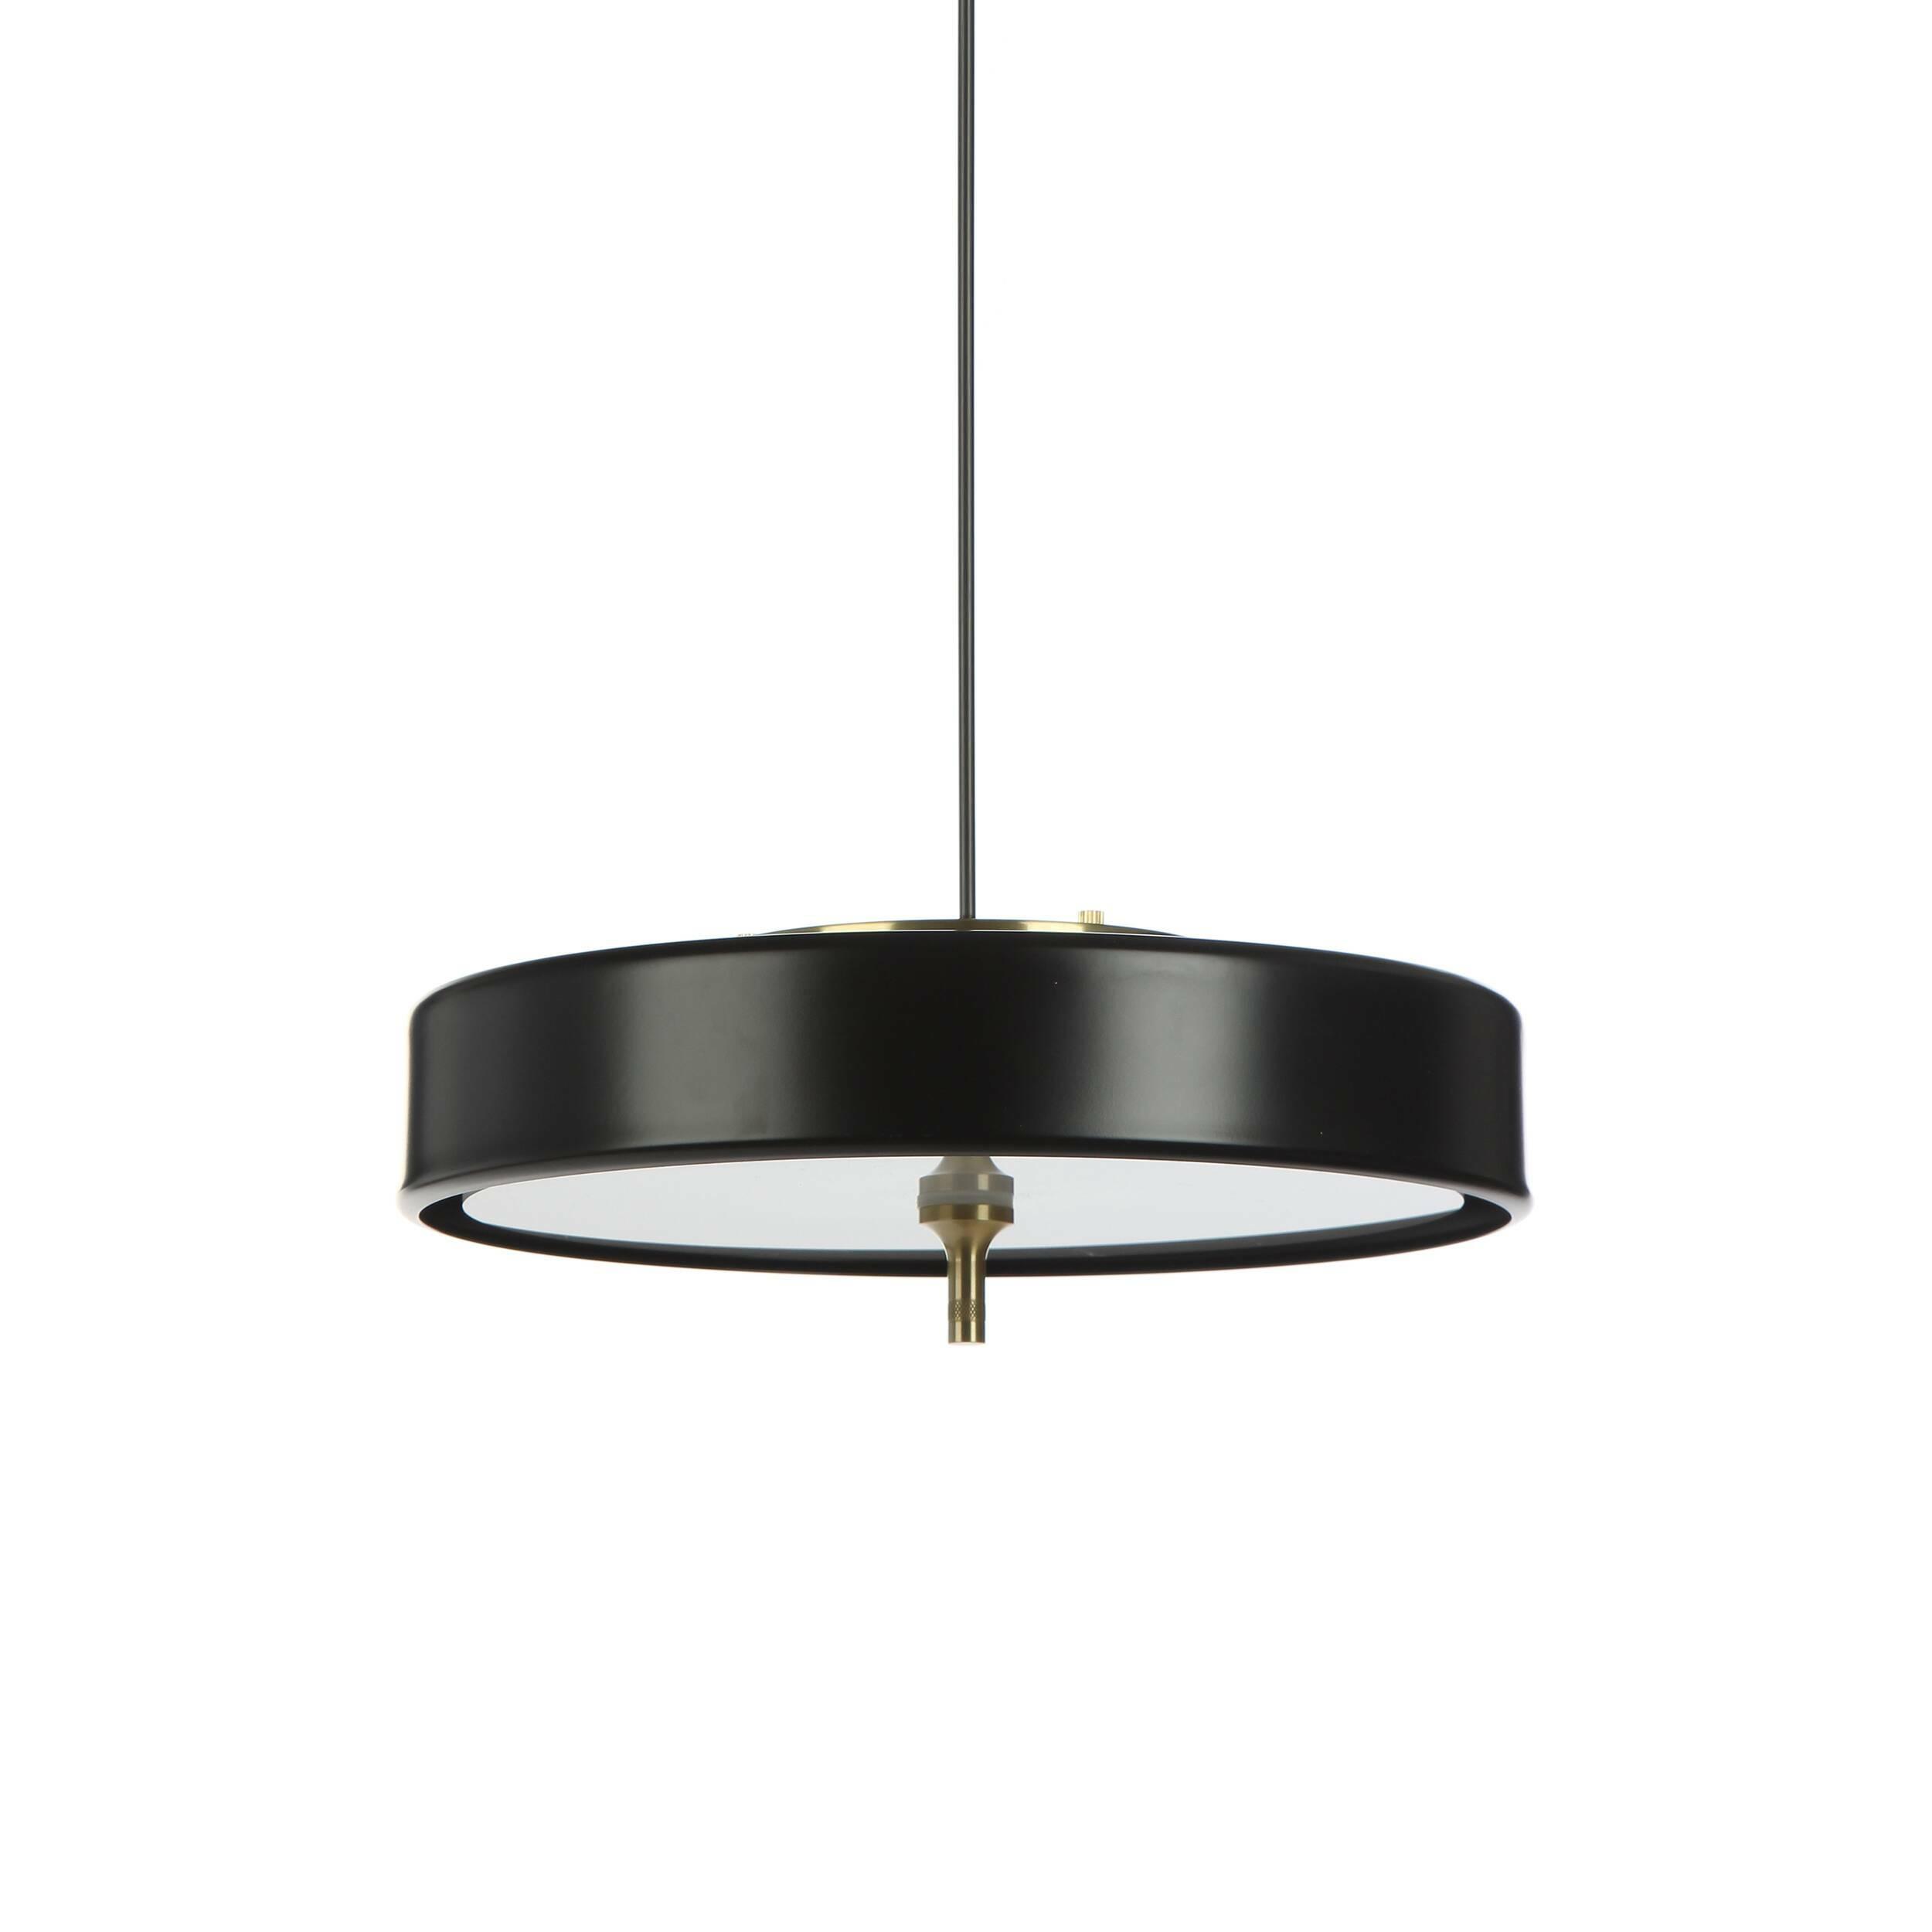 Подвесной светильник JaanПодвесные<br>Дизайнерский подвесной светильник Jaan (Яан) – это утонченное, элегантное изделие в современном стиле, которое гармонично впишется в интерьер и станет его неотъемлемой функциональной частью. Светильник не будет резко выделяться на общем фоне помещения, но мягко дополнит его своей изящной красотой и минималистичным дизайном.<br><br><br> Модель светильника изготавливается из современных материалов, что делает ее идеальным вариантом даже для ультрасовременной интерьерной стилистики. Полупрозрачны...<br><br>stock: 5<br>Высота: 12,5<br>Диаметр: 35<br>Материал абажура: Алюминий<br>Материал арматуры: Металл<br>Мощность лампы: 40<br>Тип лампы/цоколь: E14<br>Цвет абажура: Черный